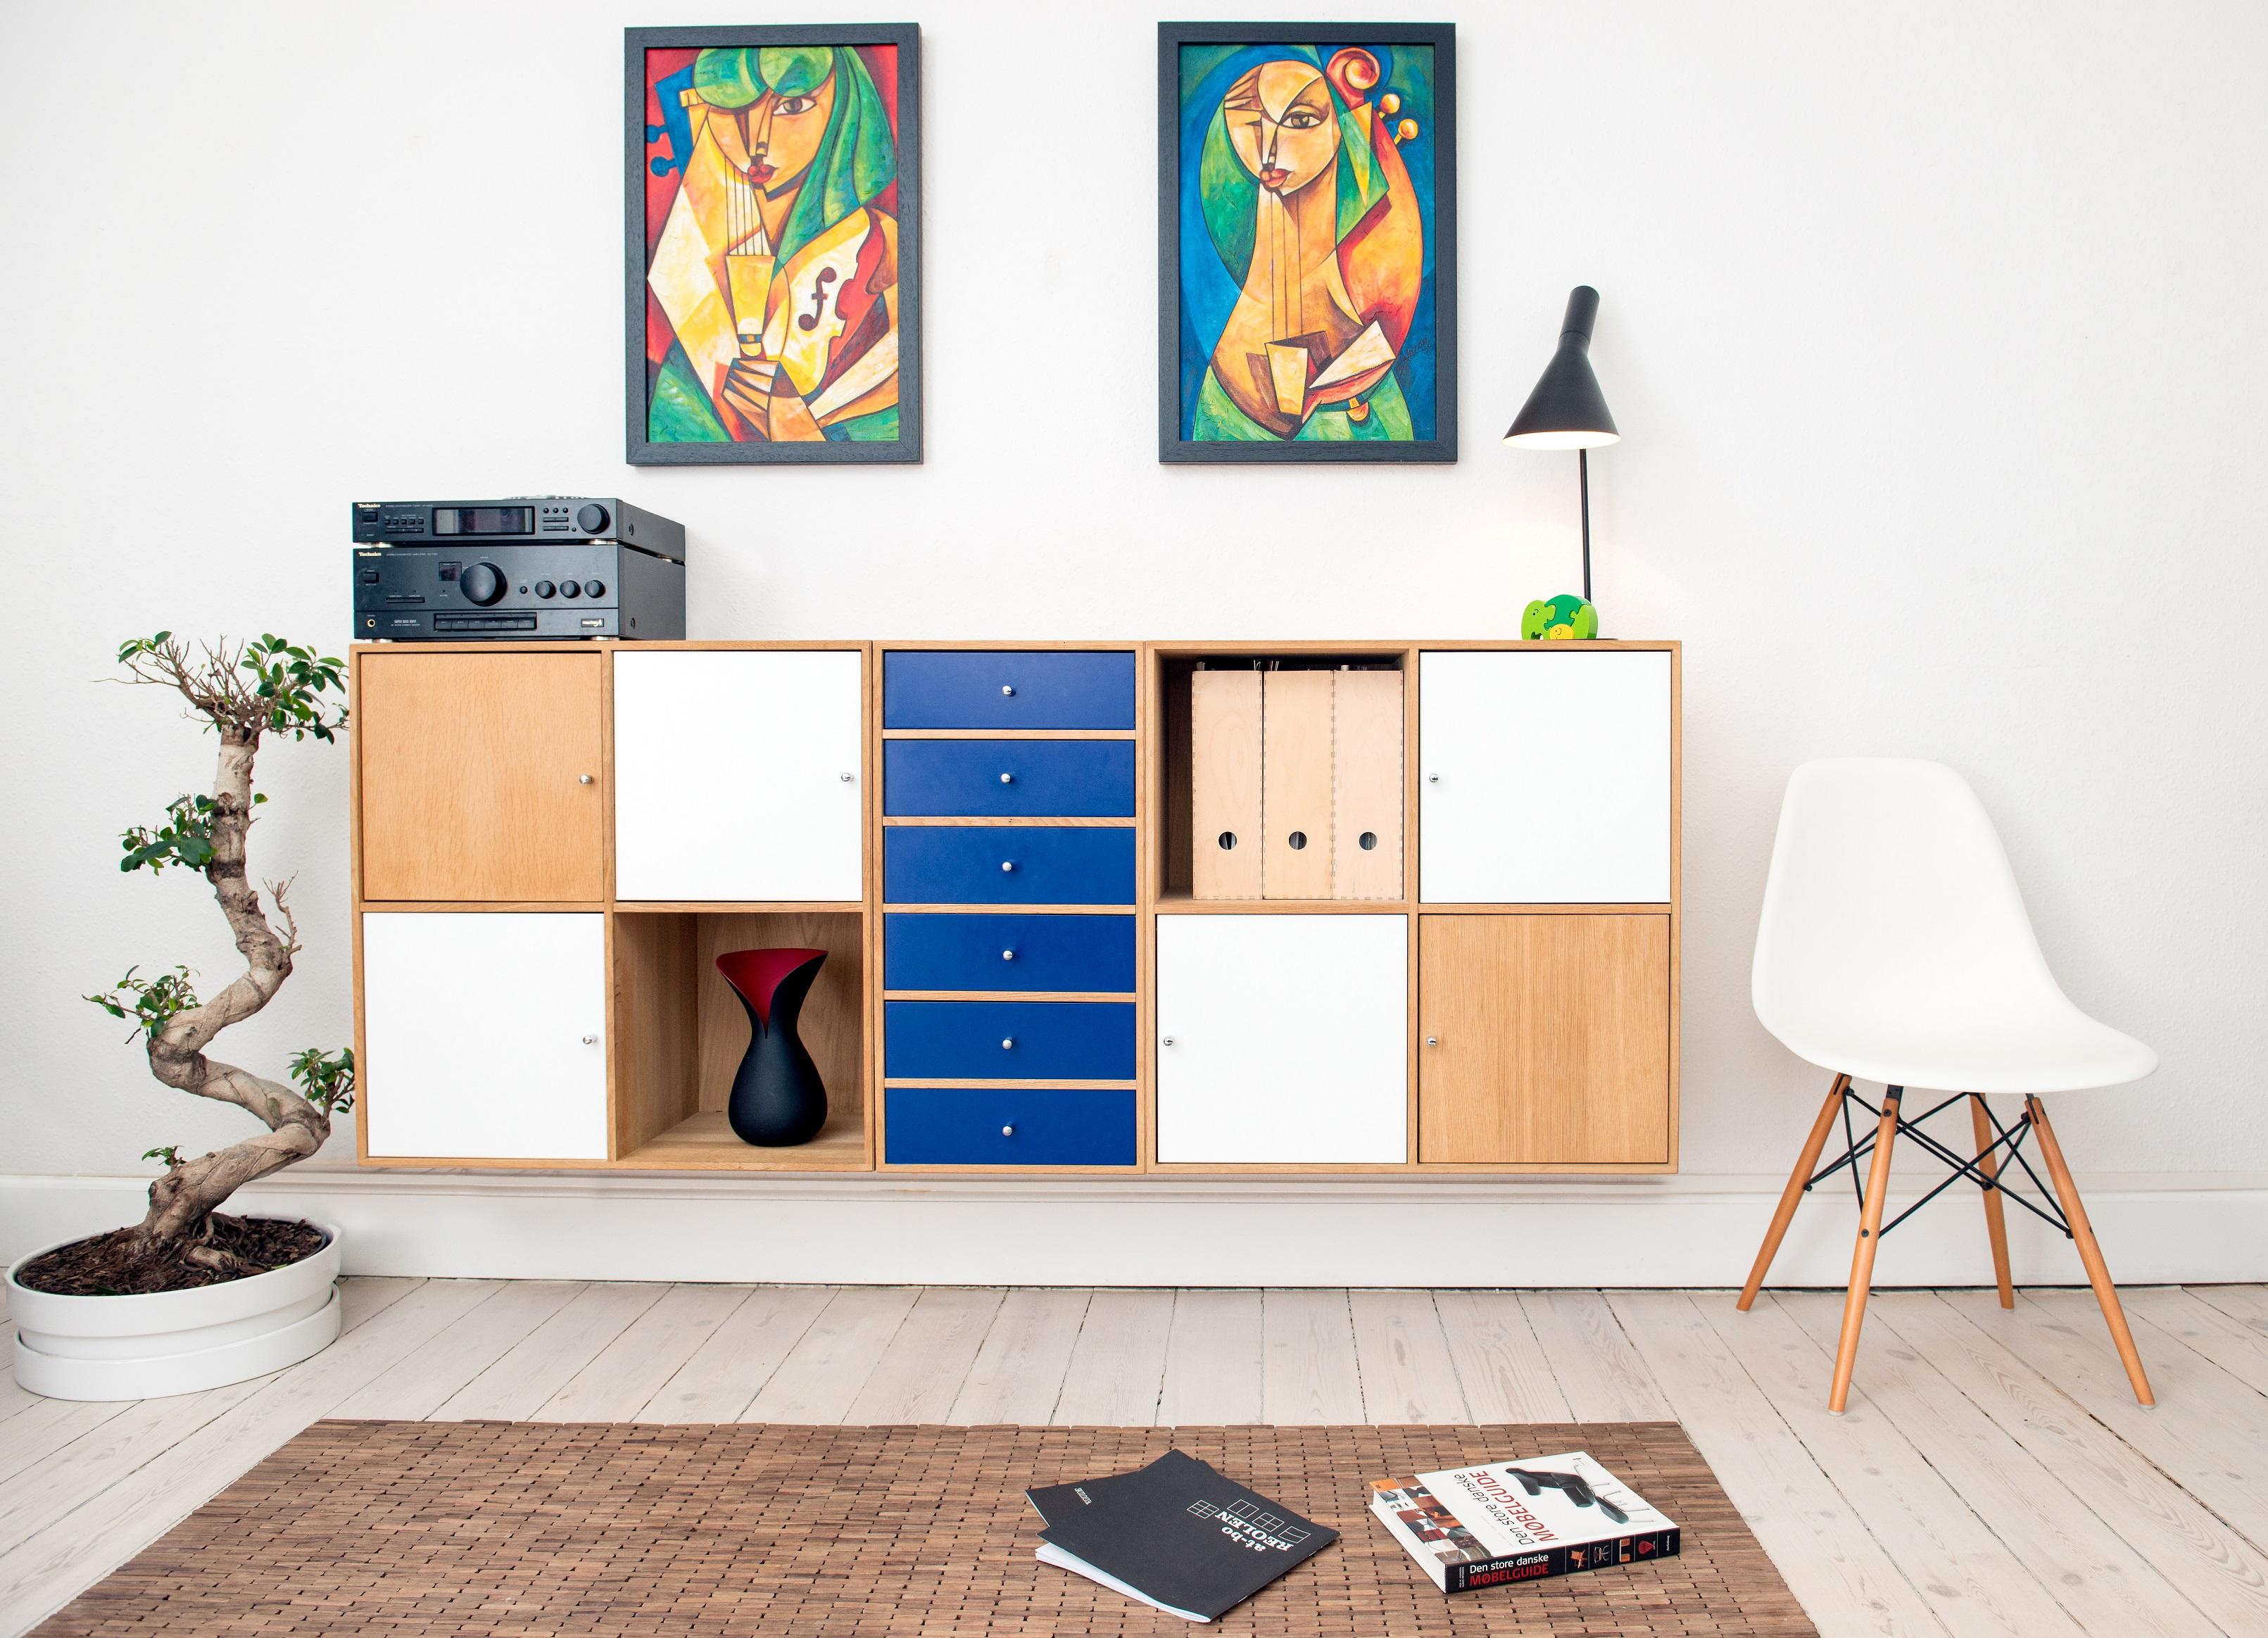 Muurdecoratie de perfecte manier om je interieur een persoonlijke touch te geven - Tijdschrift chic huis ...